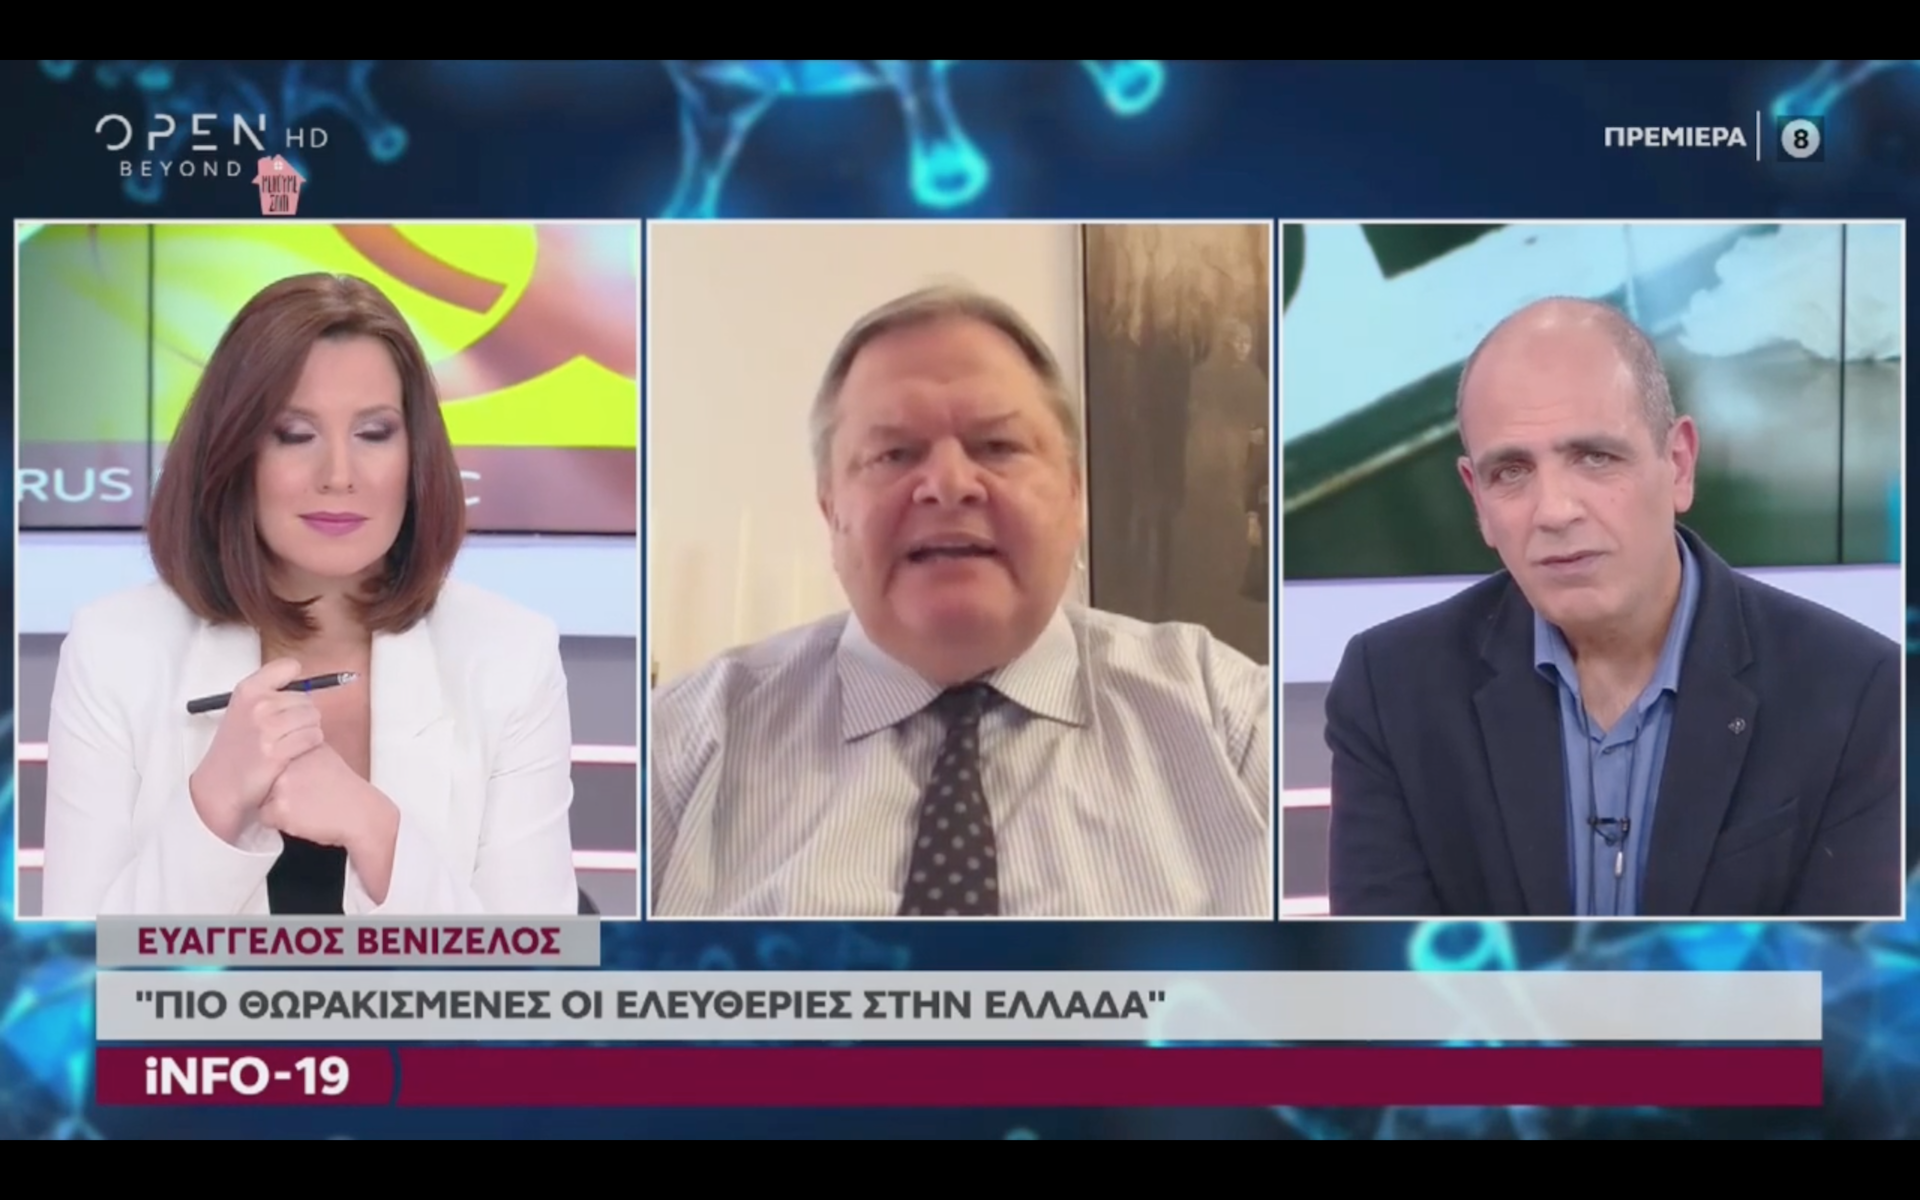 """Ο Κωνσταντίνος Ι. Βαθιώτης με αφορμή συνέντευξη που παραχώρησε ο Ευάγγελος Βενιζέλος στο Open TV και την εκπομπή """"Info-19"""" παρεμβαίνει στον δημόσιο διάλογο με ένα άρθρο-διατριβή και διατυπώνει με νομικά εμπεριστατωμένο τρόπο τις επτά ανοικτές πληγές στη δυστοπία του Covid 19. new deal"""